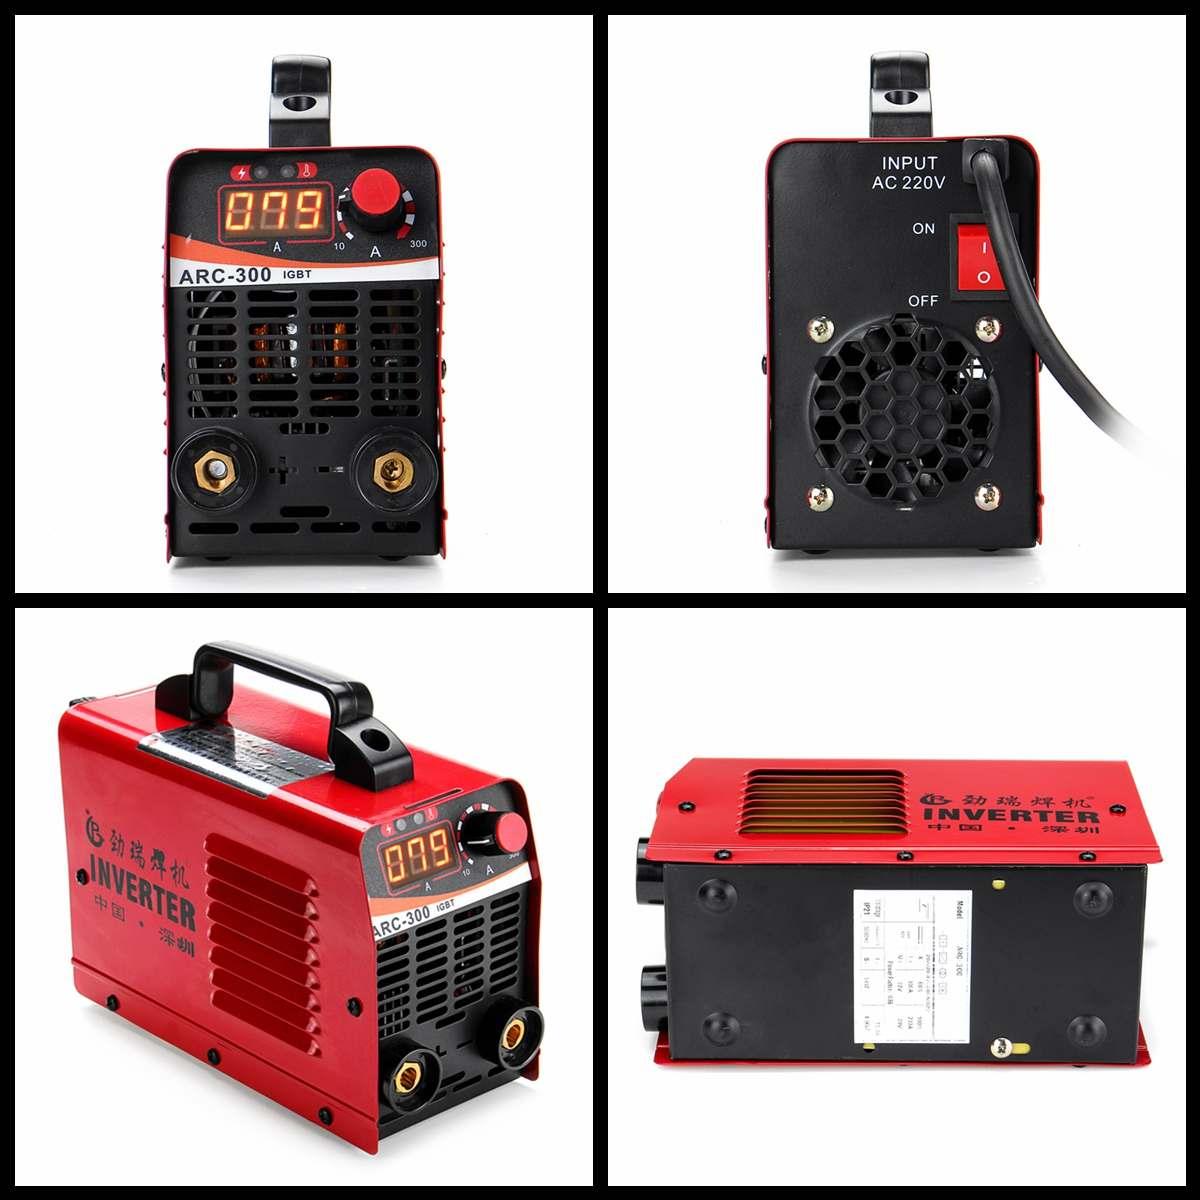 ARC-300 220V LCD Электрический IGBT инвертор MMA ARC ZX7 портативный сварочный аппарат дуговые сварочные аппараты (Ramdom color)